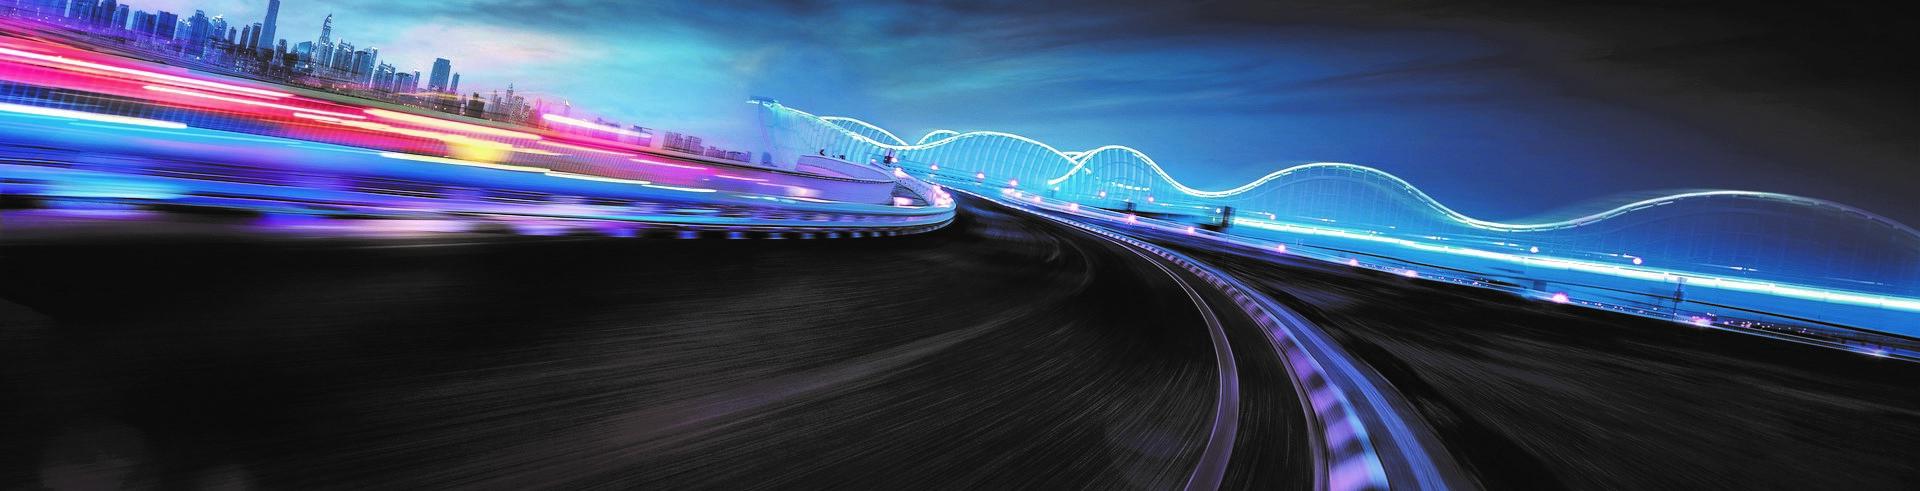 唯美夜景的交通公路